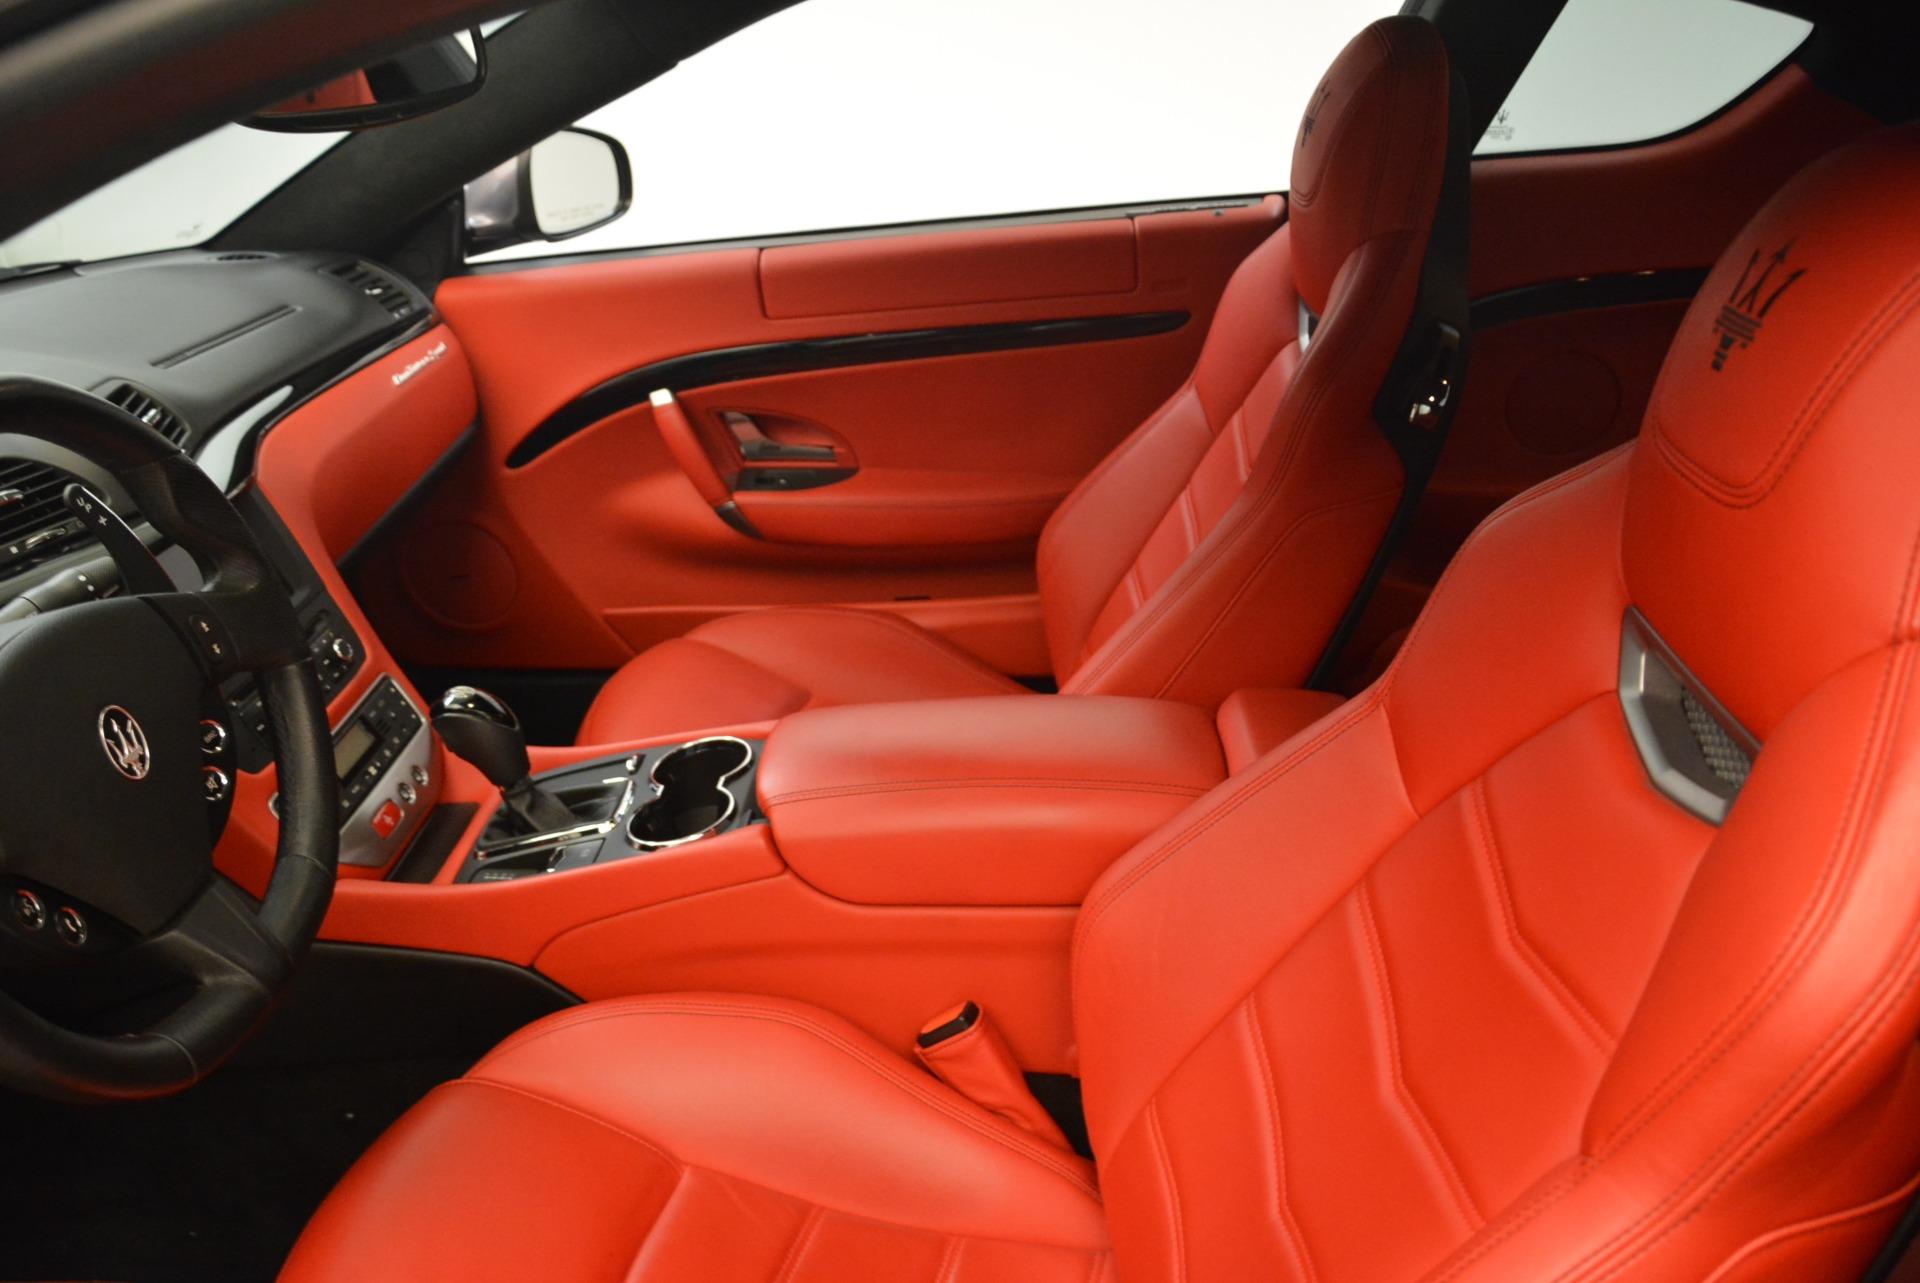 Used 2014 Maserati GranTurismo Sport For Sale In Greenwich, CT 2131_p12